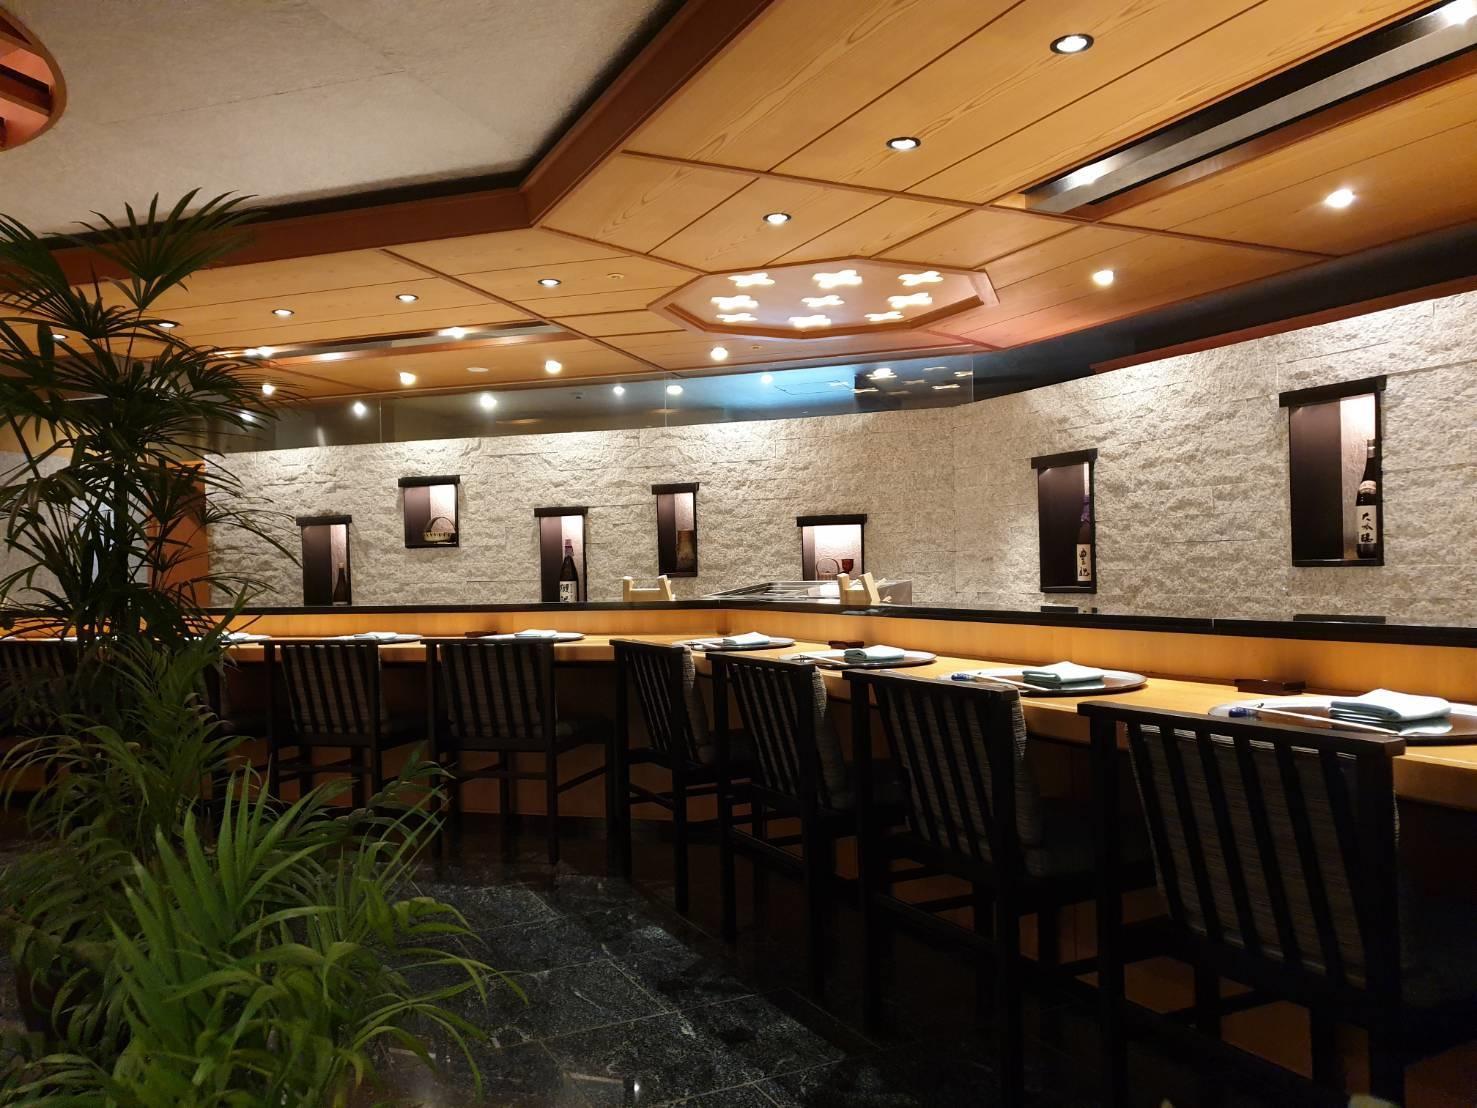 18 ห้องอาหาร Uemachi 200213 0004